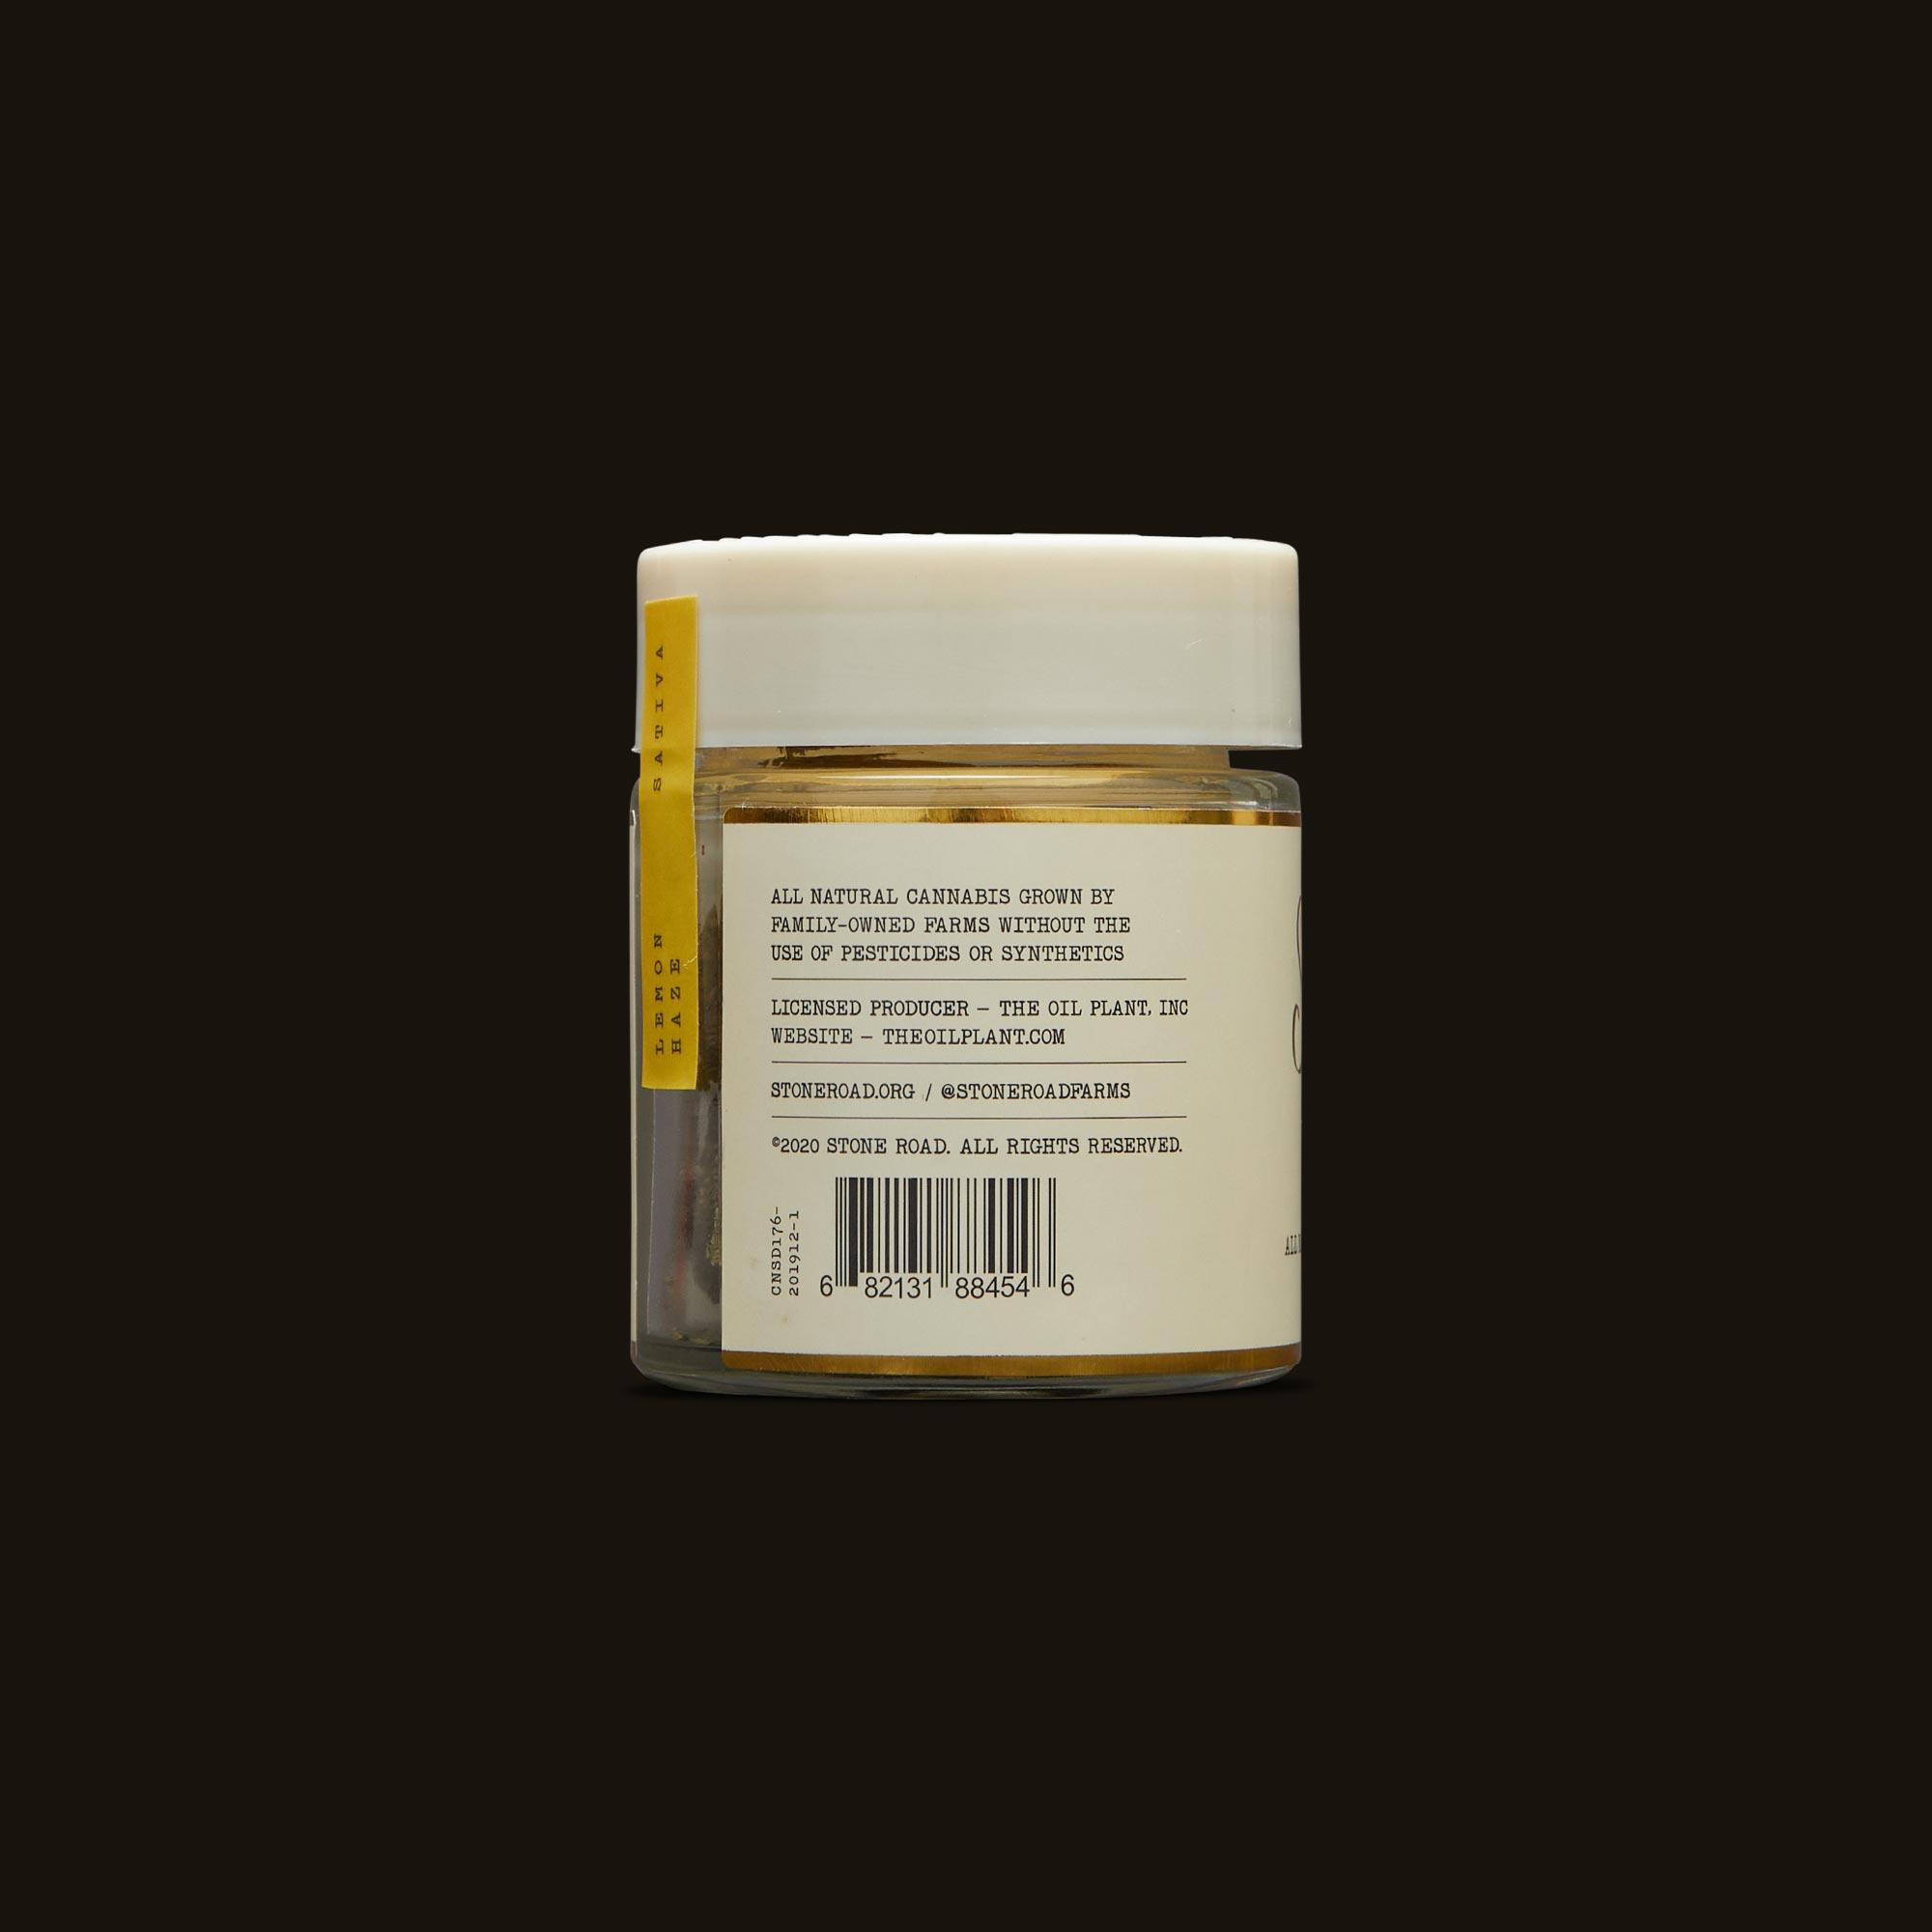 Stone Road Flower - Lemon Haze